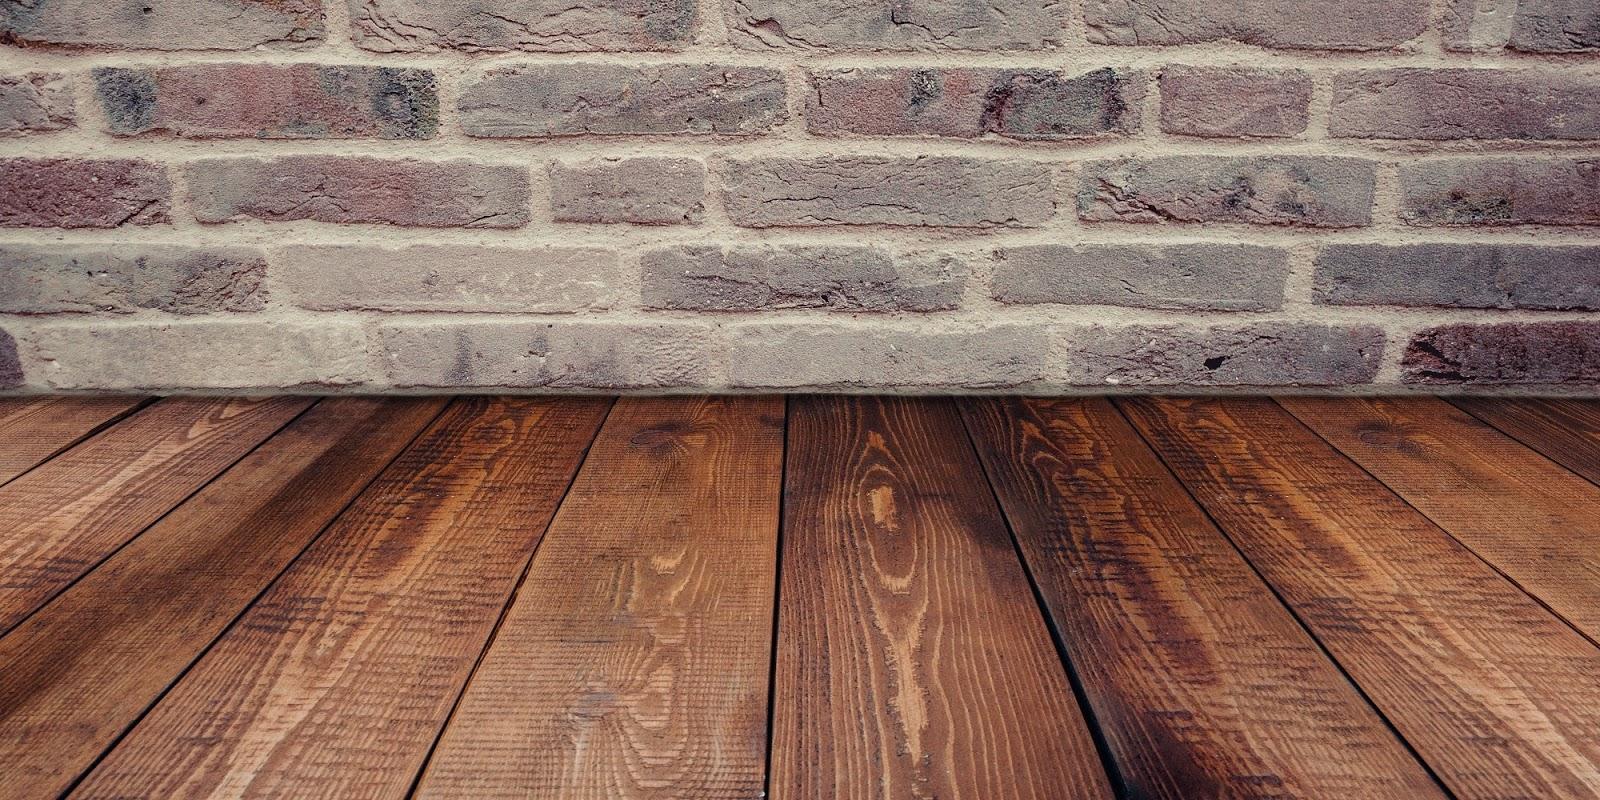 hardwood floor and brick wall